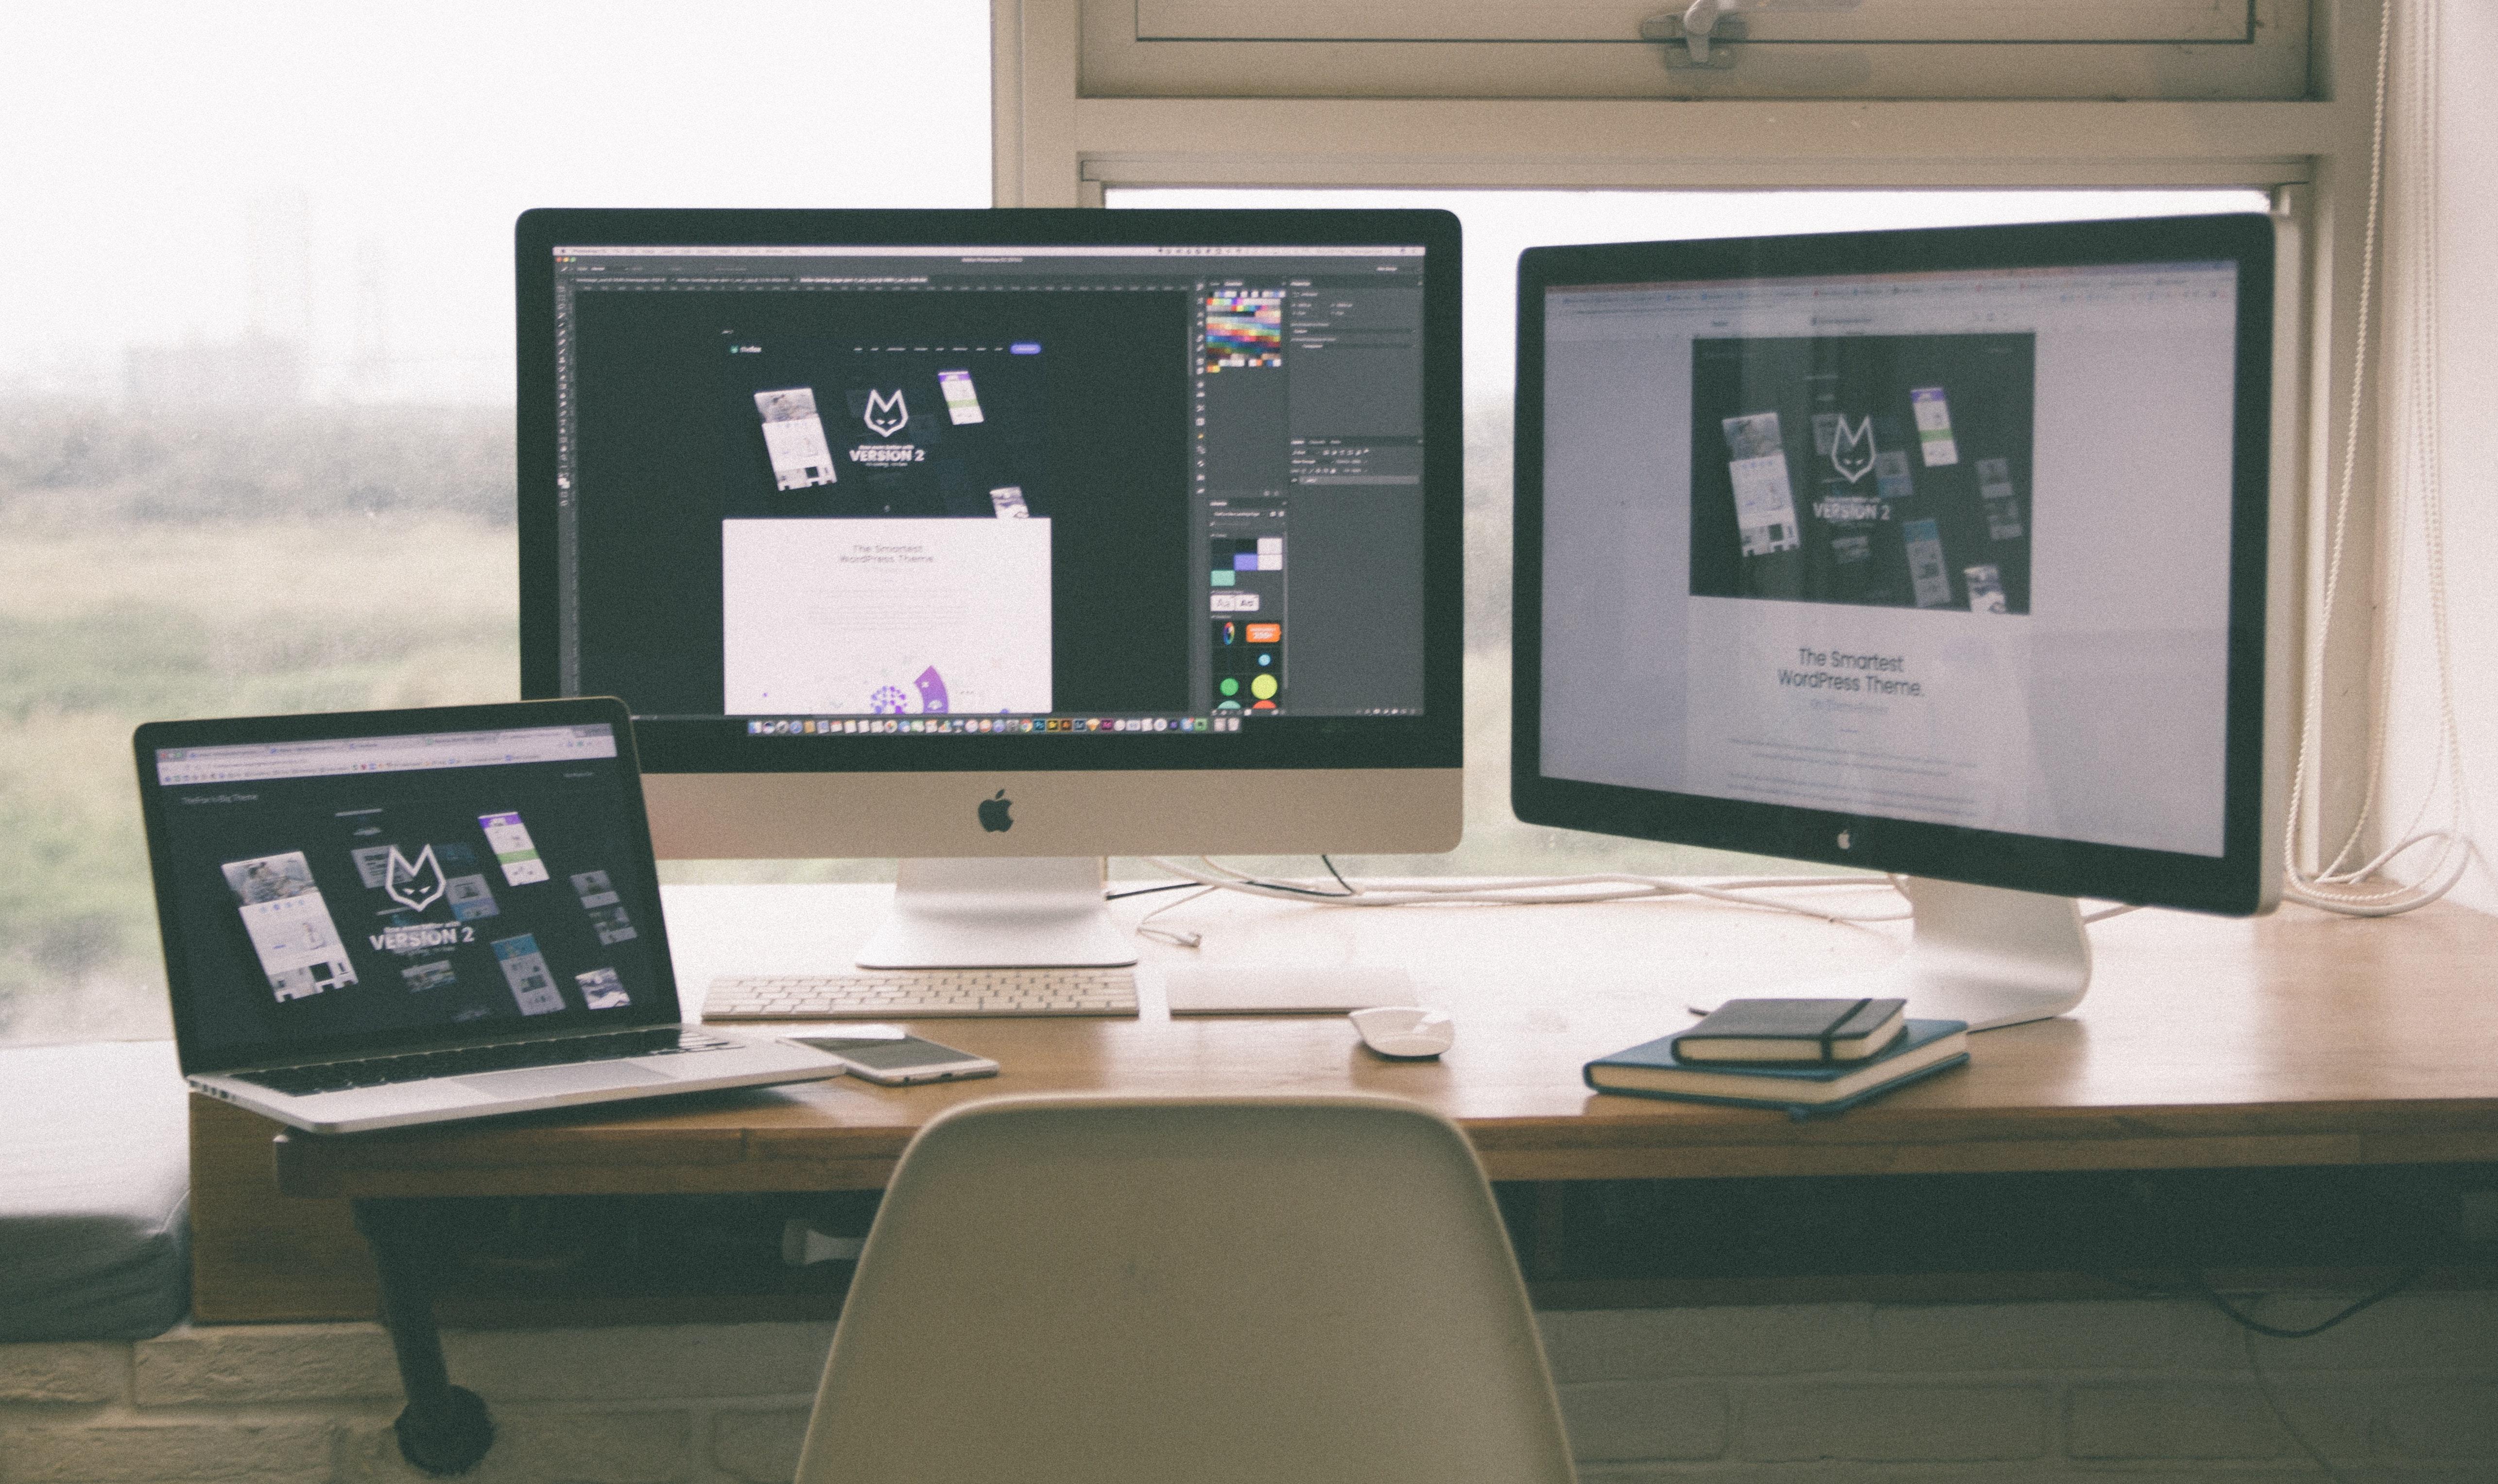 למה חשוב עיצוב גרפי נכון?